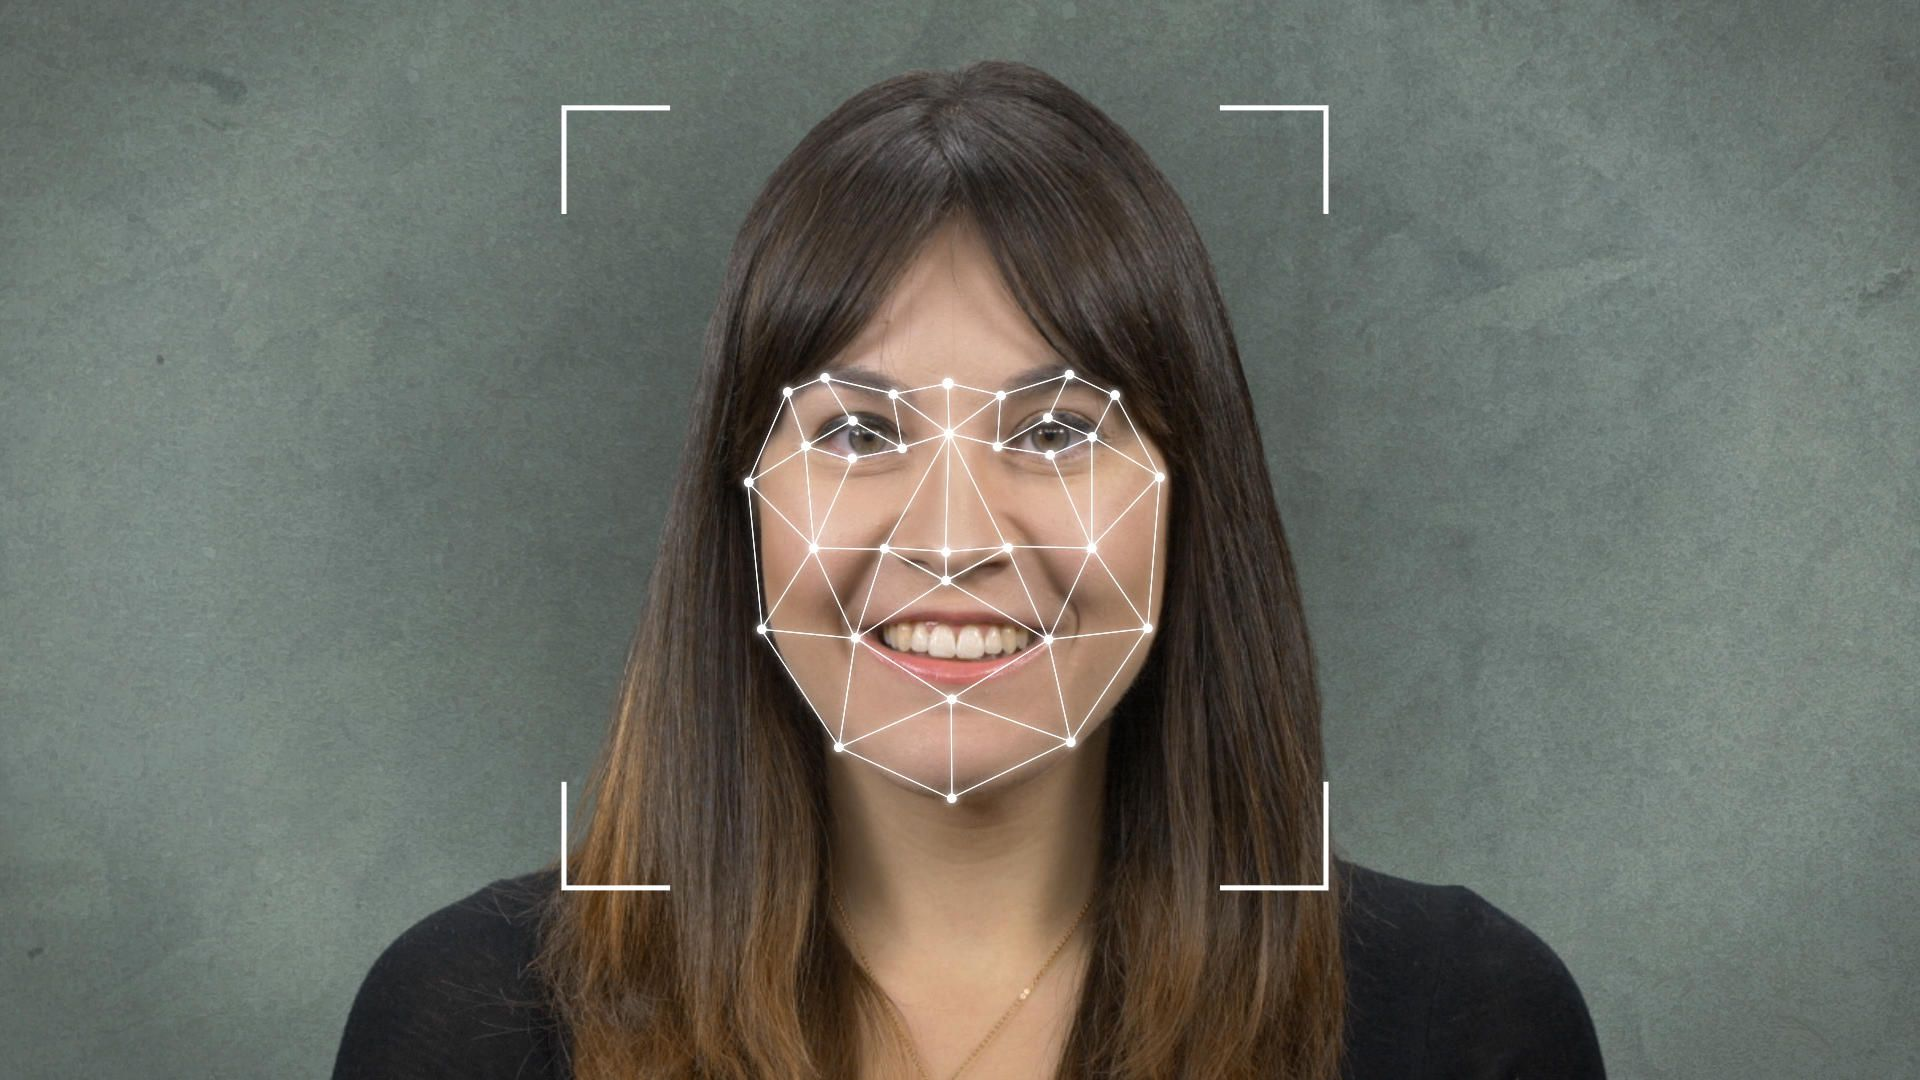 facial-recogntion-1010